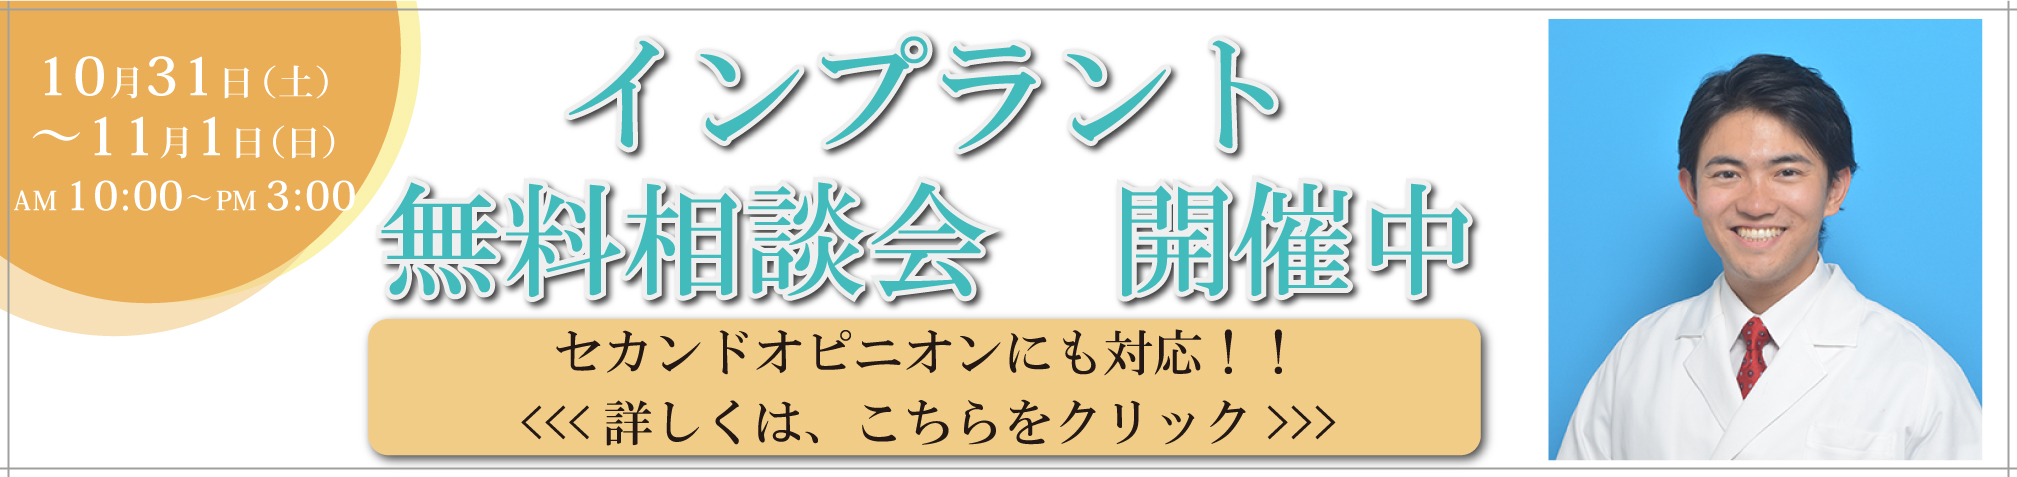 武内歯科医院 インプラント相談会